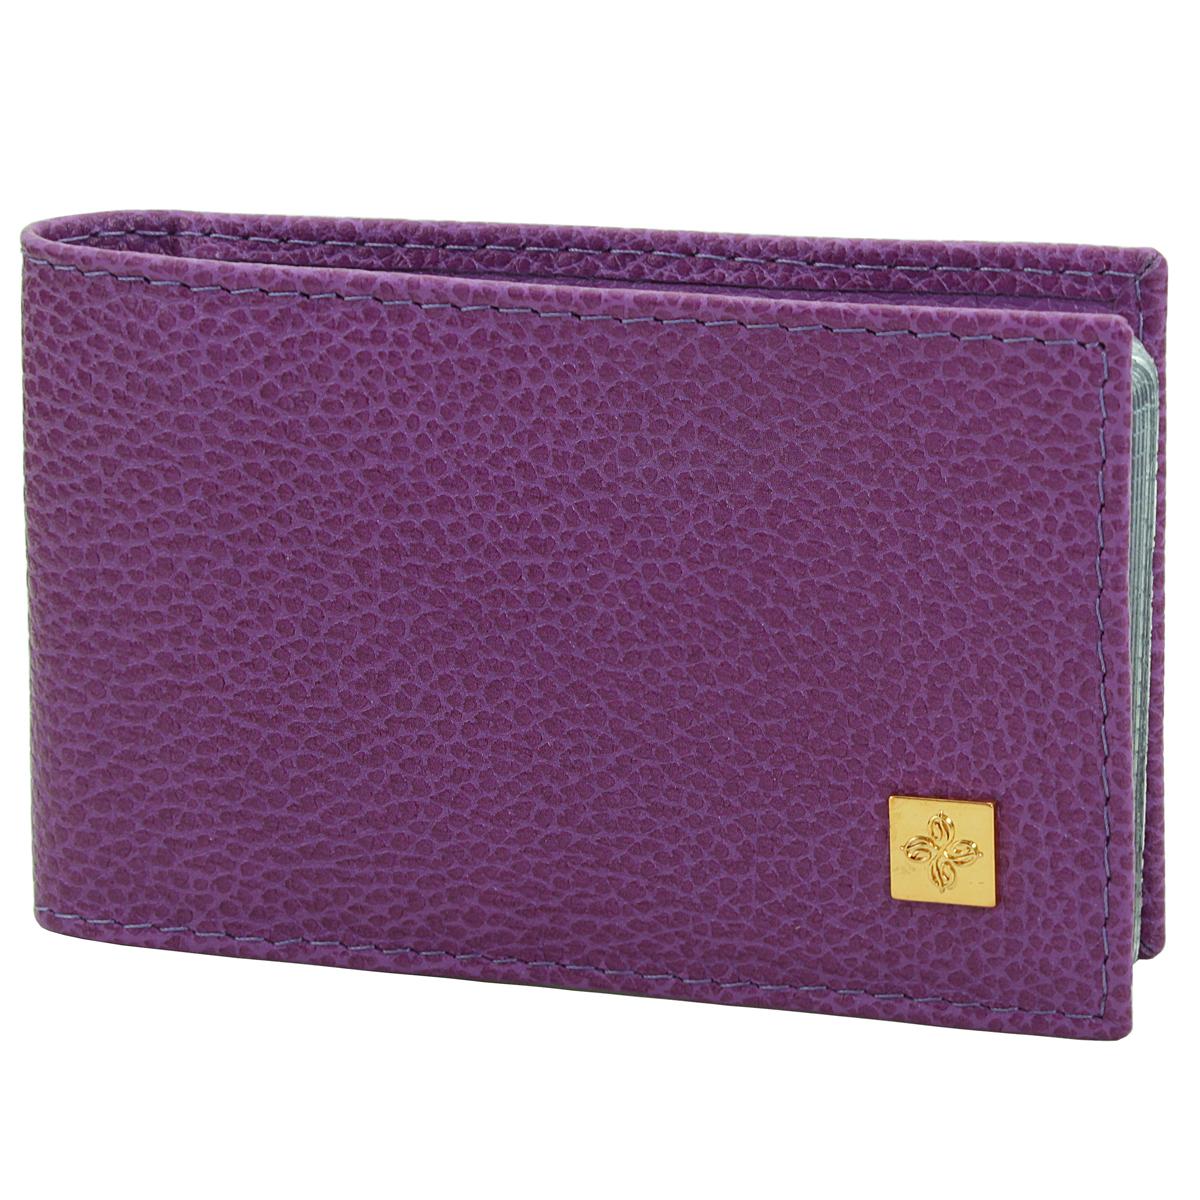 Визитница Dimanche Purpur, цвет: пурпурный. 104B16-11416Визитница Purpur - это стильный аксессуар, который не только сохранит визитки и кредитные карты в порядке, но и, благодаря своемустрогому дизайну и высокому качеству исполнения, блестяще подчеркнет тонкий вкус своего обладателя. Визитница выполнена из натуральной высококачественной кожи с декоративным тиснением и содержит внутри съемный блок из 16 прозрачныхпластиковых вкладышей, рассчитанных на 32 визитки.Визитница Purpur - станет великолепным подарком ценителю современных практичных вещей. Визитница упакована в фирменную коробку из картона. Характеристики:Материал: натуральная кожа, пленка ПВХ, металл. Цвет: пурпурный. Размер футляра (в сложенном виде): 10 см х 7 см х 1,5 см.